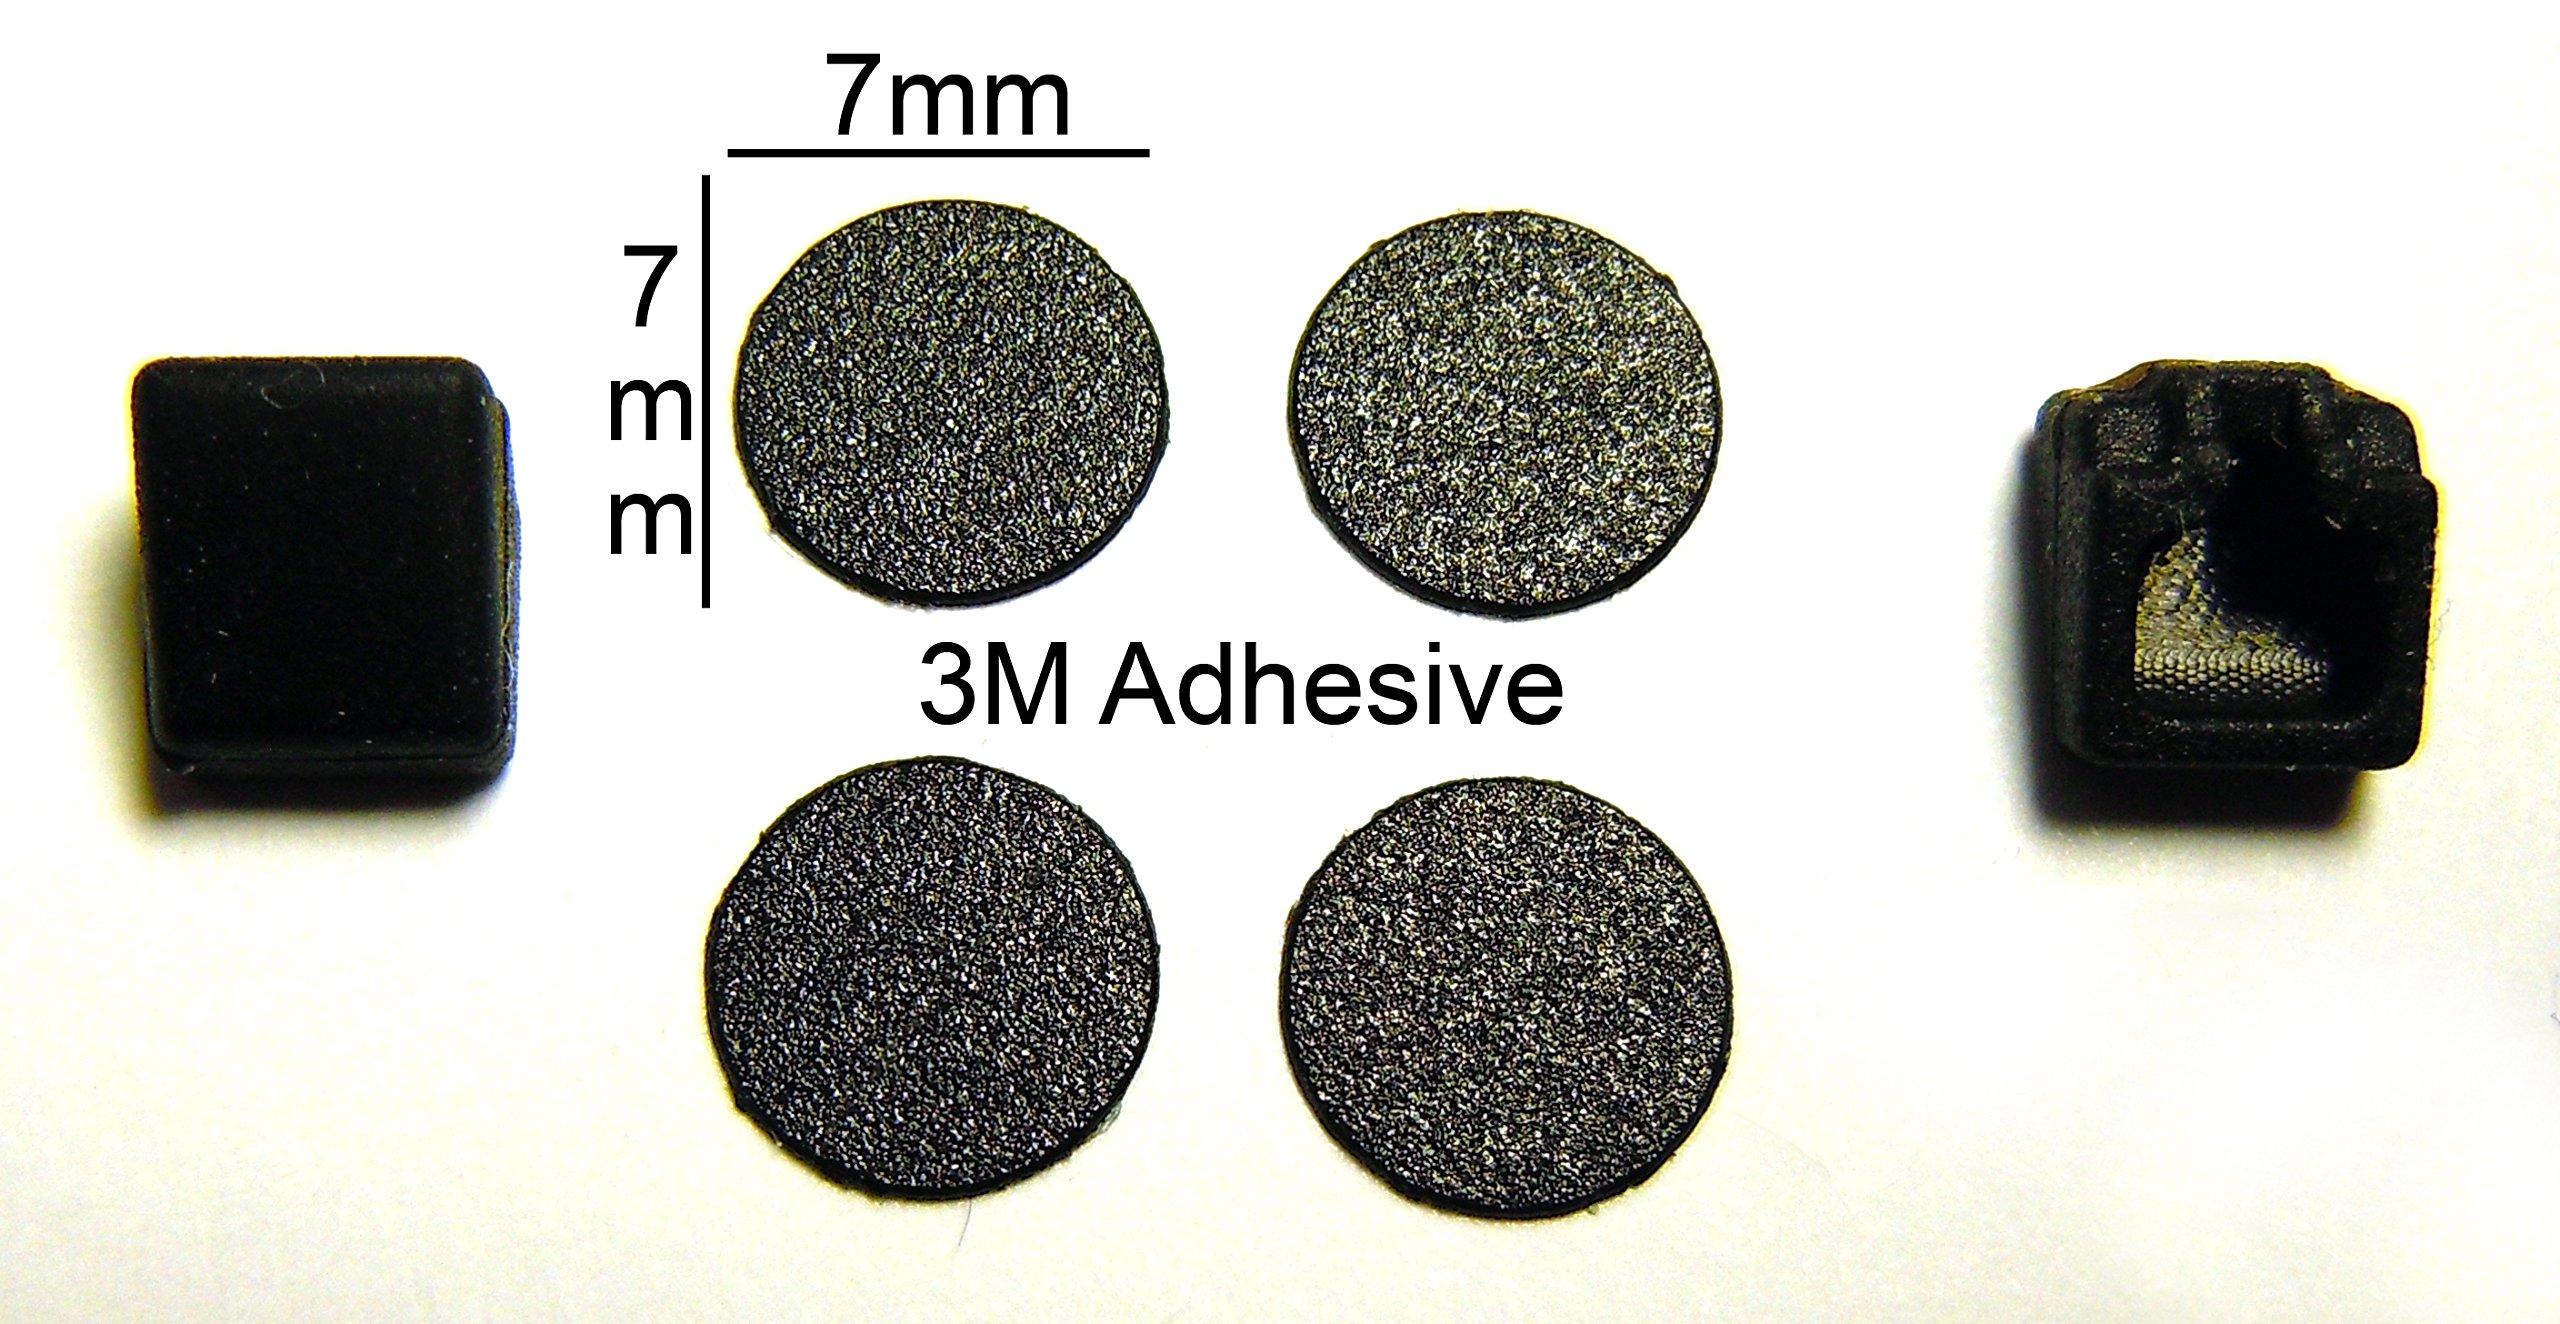 VATH LCD Screw Cover Kit for IBM Lenovo ThinkPad LCD Screw Cover Kit for T61 R61 T400 R400 Models [442]